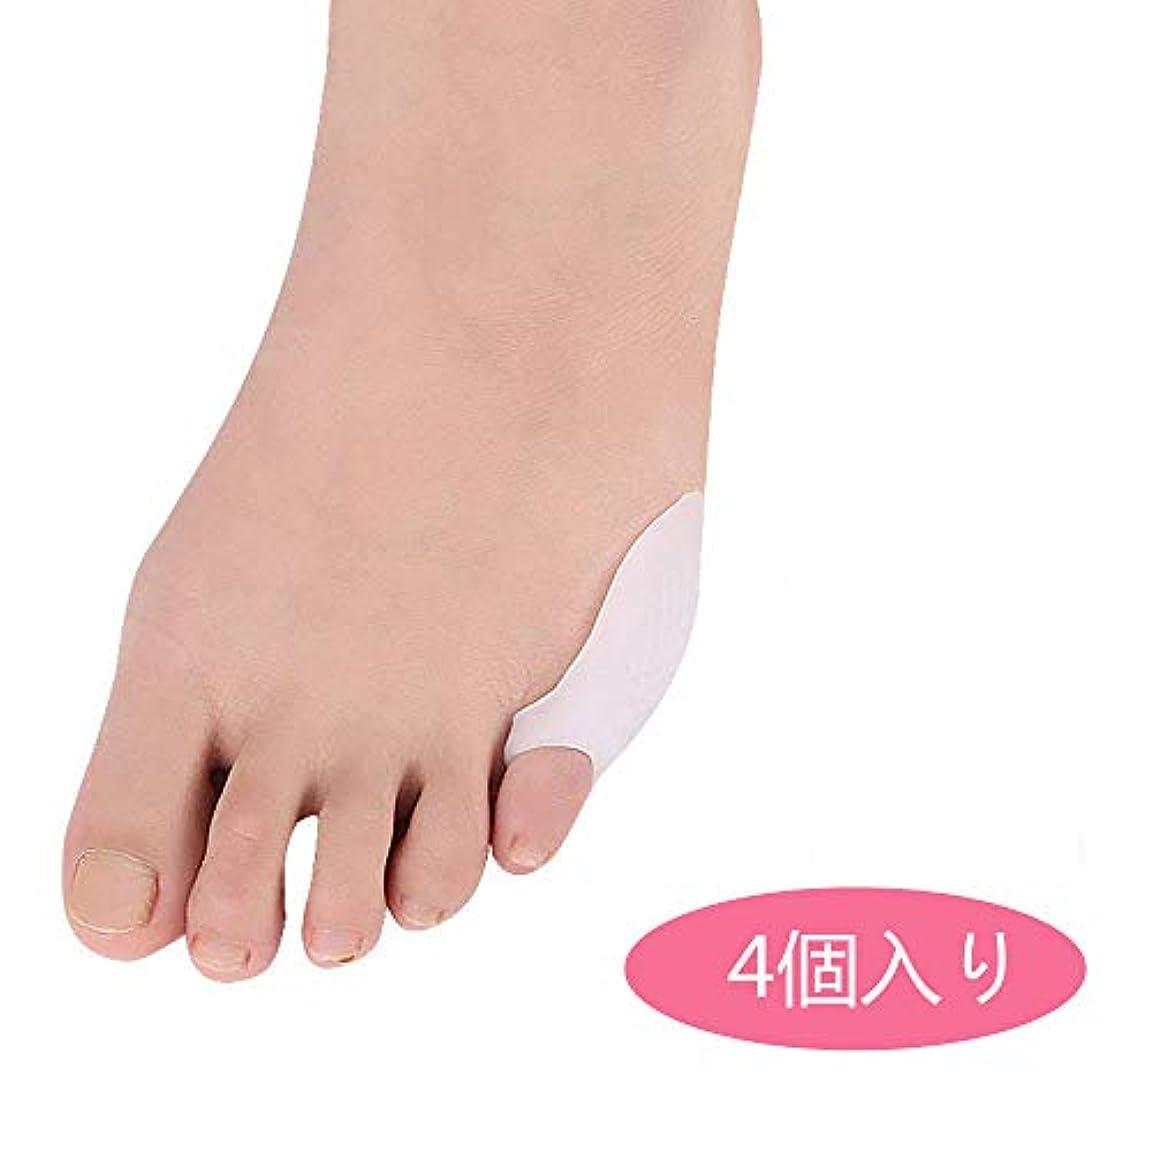 接触大腿デコレーションOnKJ内反小趾 サポーター小指 足指矯正 シリコン 足指保護 男女兼用 【4個入り】 (白)